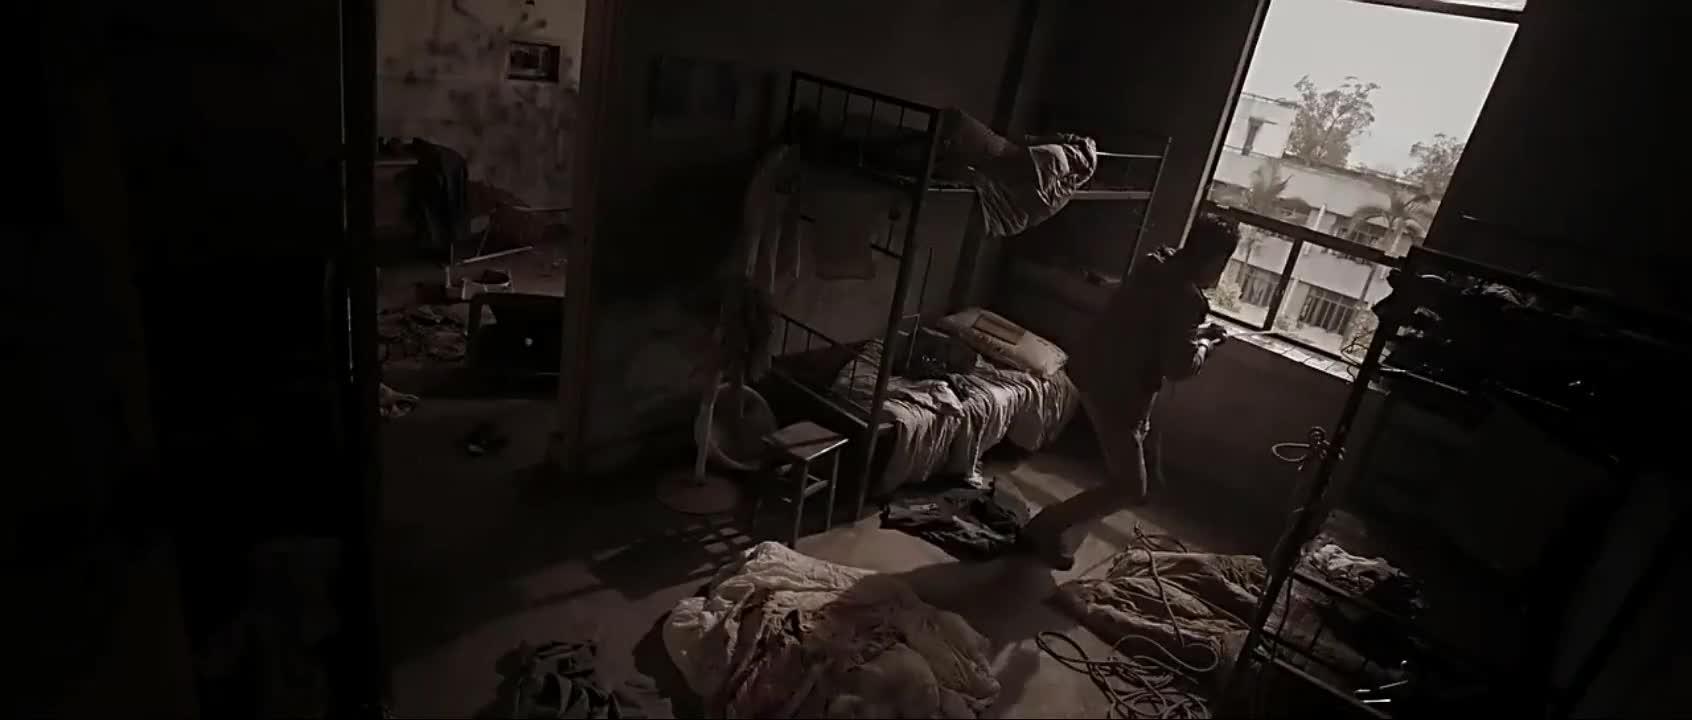 《丧尸屠城2》男人用吊绳拉食物,绳子却被楼下女人剪断